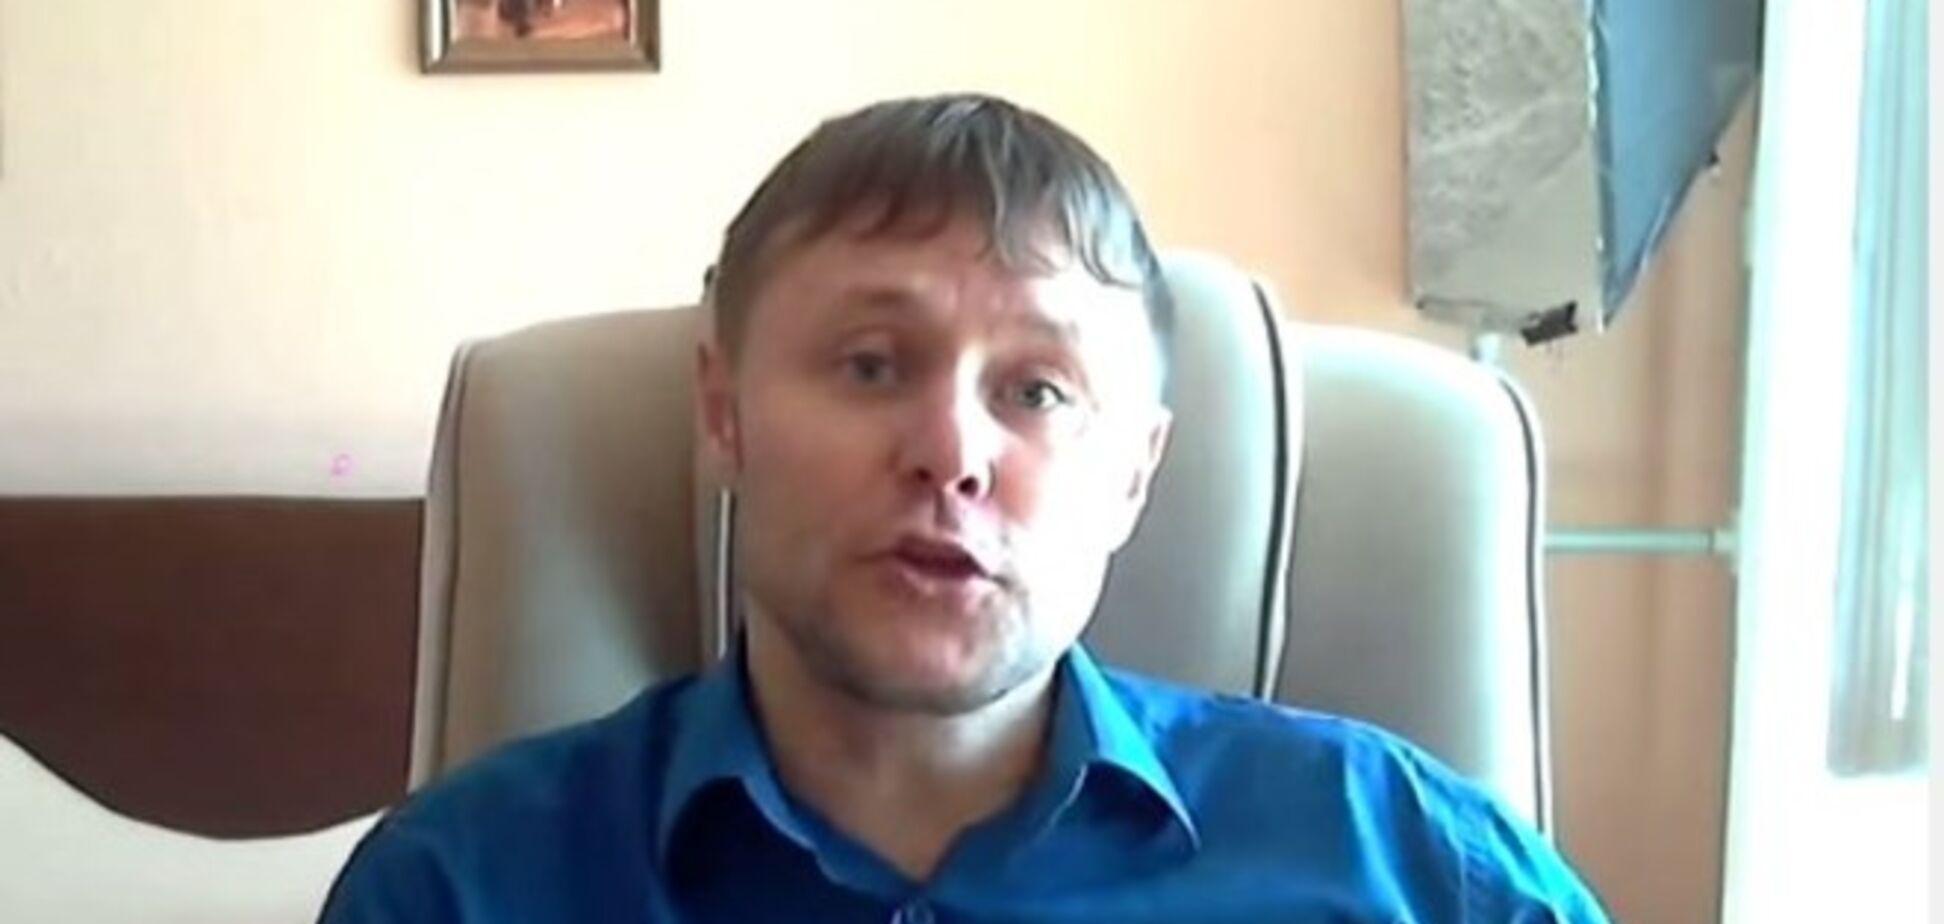 Хамское видеообращение жителя Хабаровска к украинским беженцам потянуло на уголовное дело